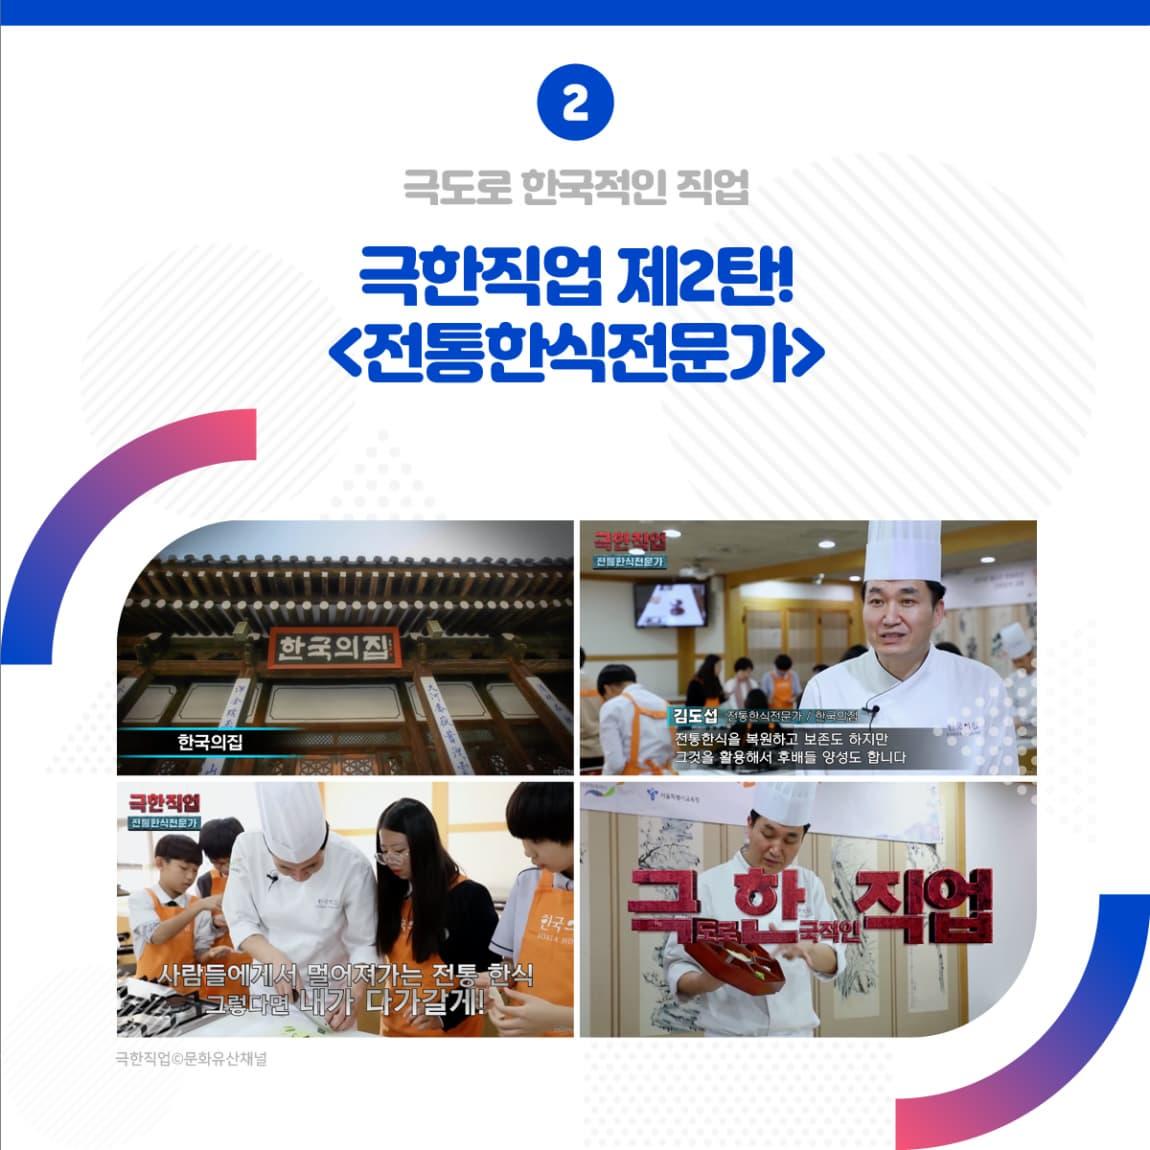 2. 극도로 한국적인 직업 극한직업 제2탄! <전통한식전문가>